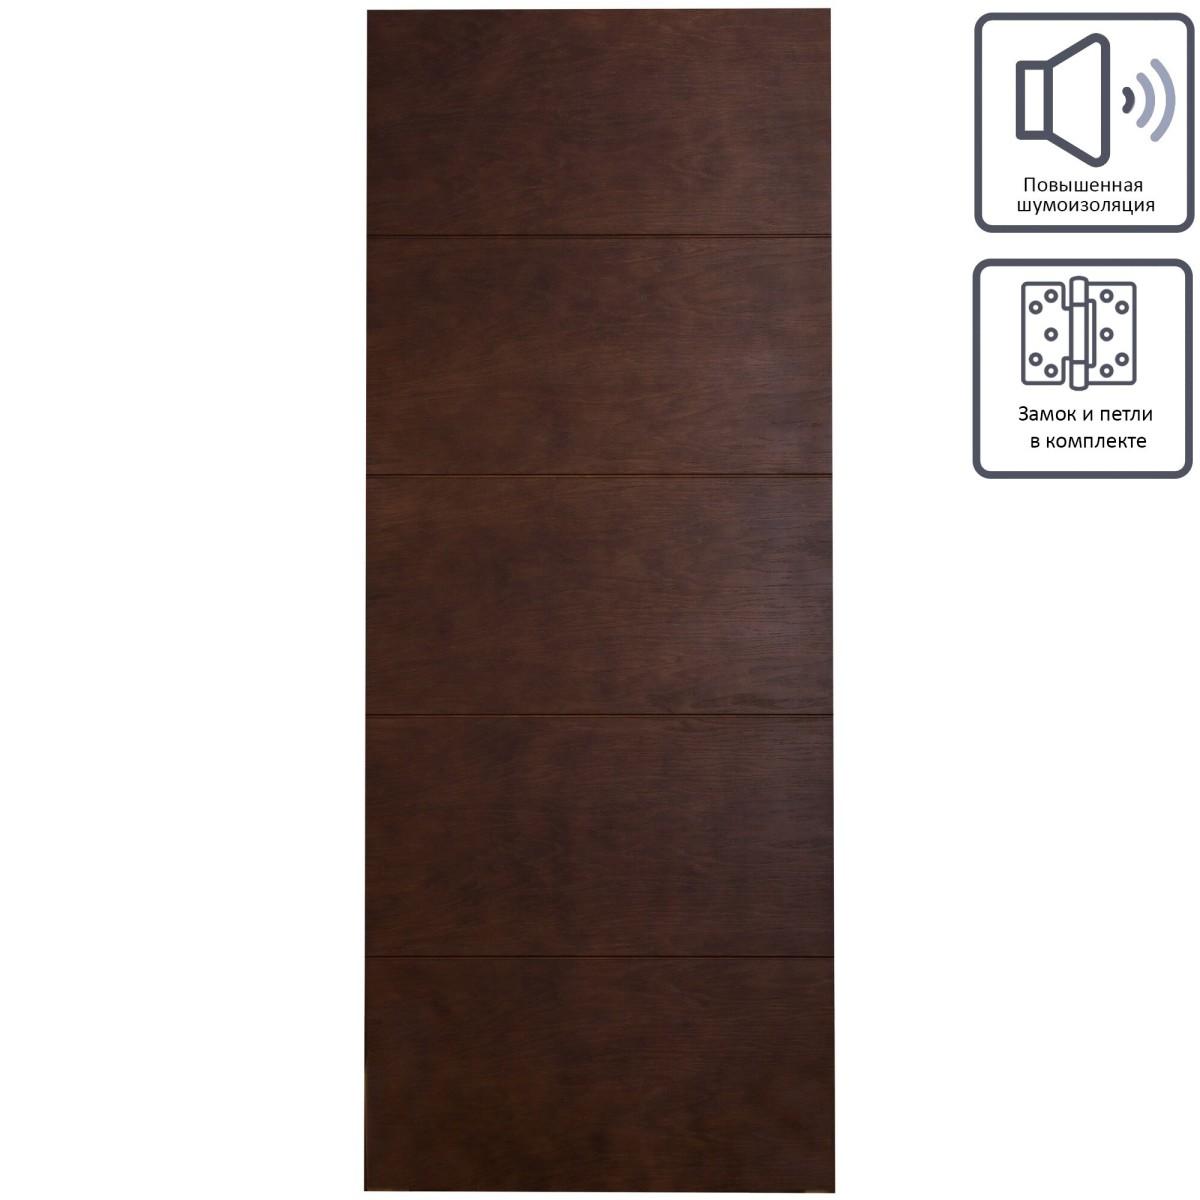 Дверь межкомнатная глухая шпон Антик 60x200 см цвет дуб антик